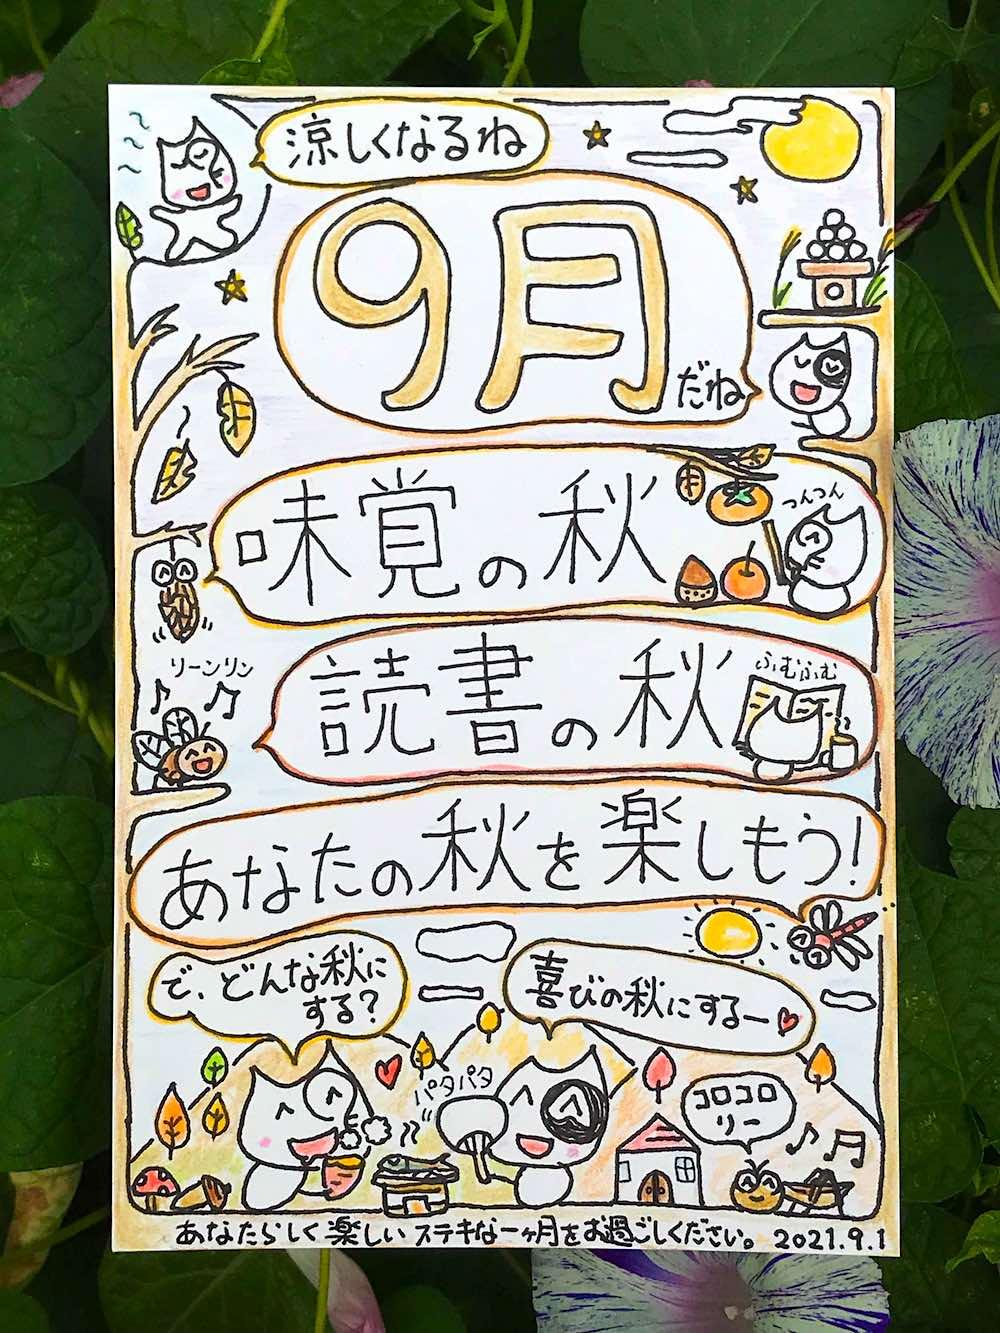 9月の手描きイラスト「生きよか.com」より